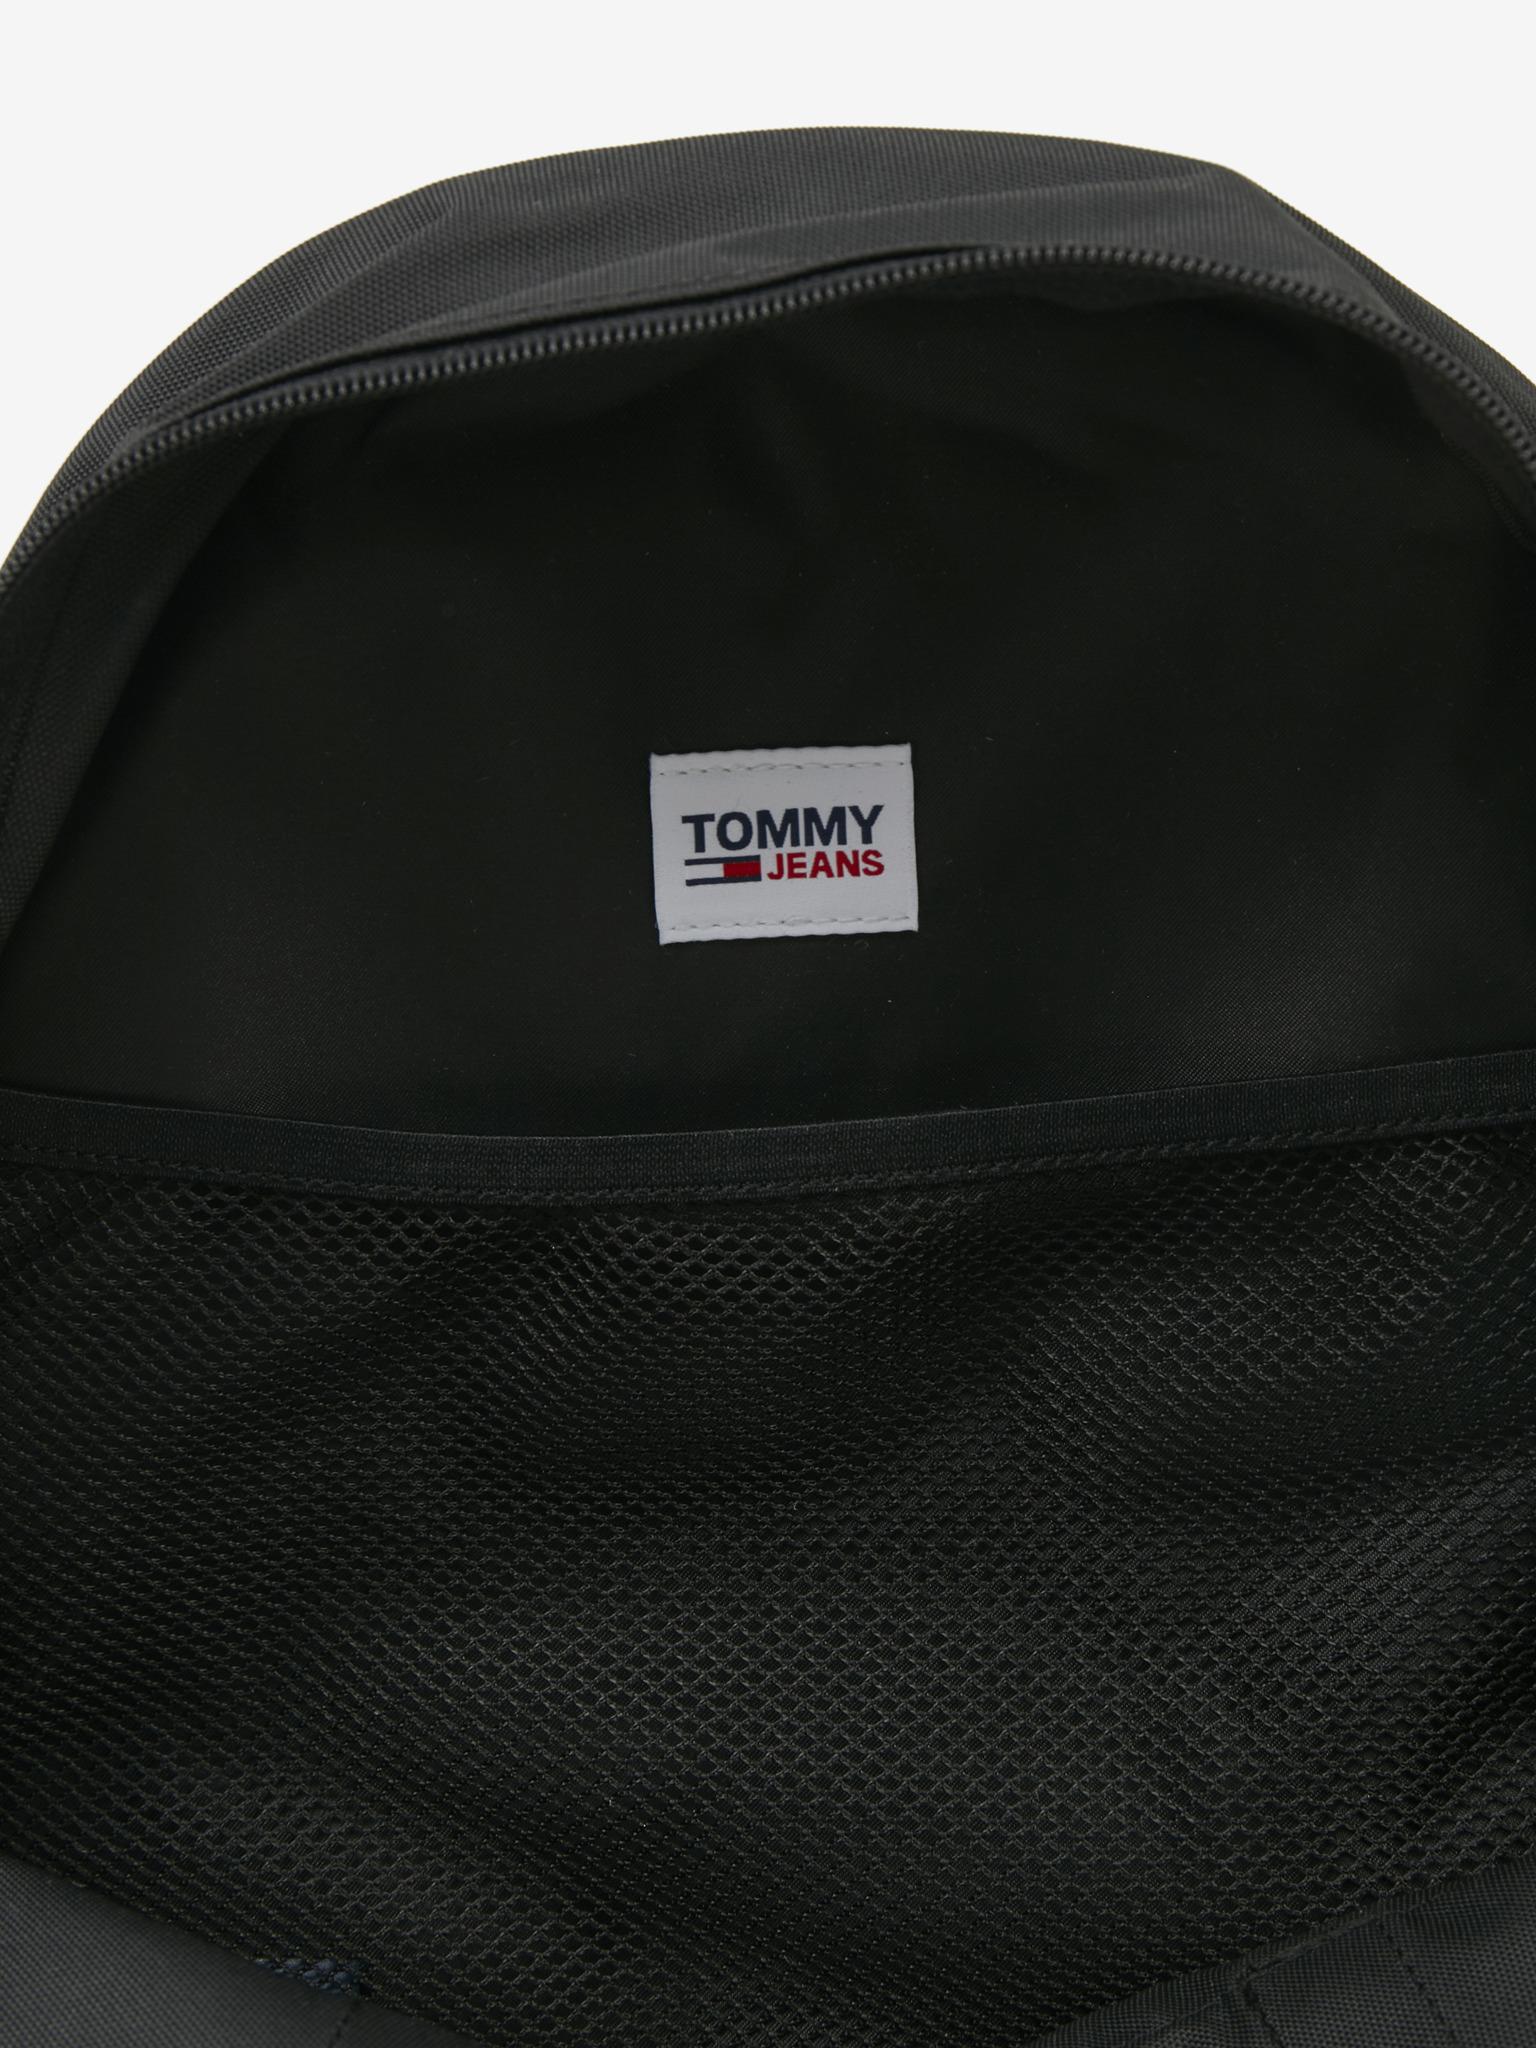 Tommy Jeans Zaino essenziale nero